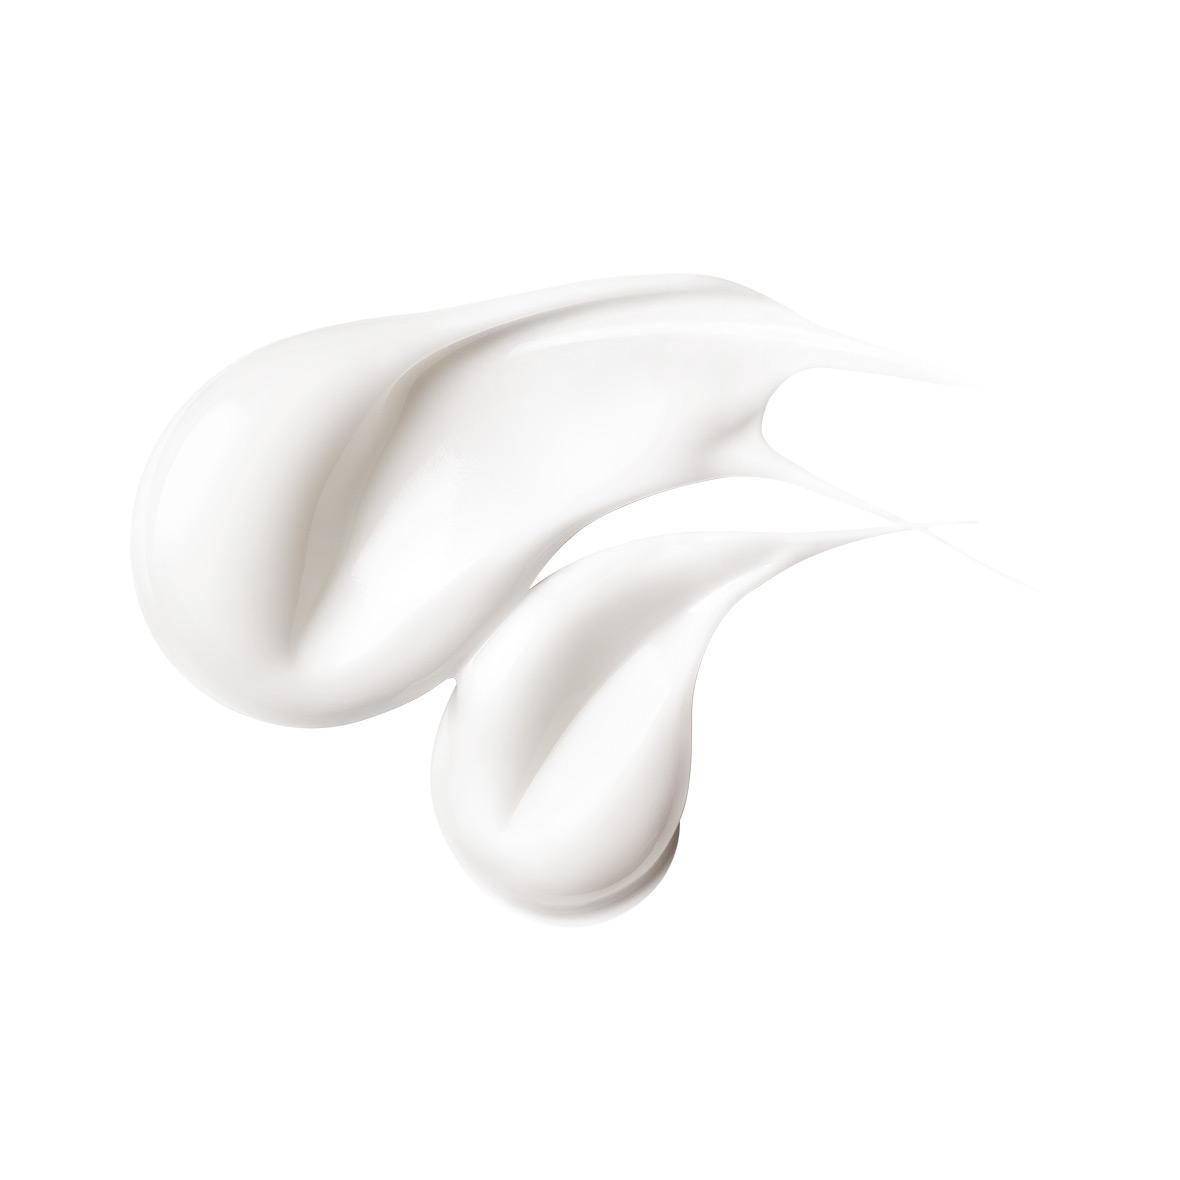 La Roche-Posay LIPIKAR 全效修護系列系列的LIPIKAR AP+ 全效抗敏修護霜 抗痕配方  產品圖片